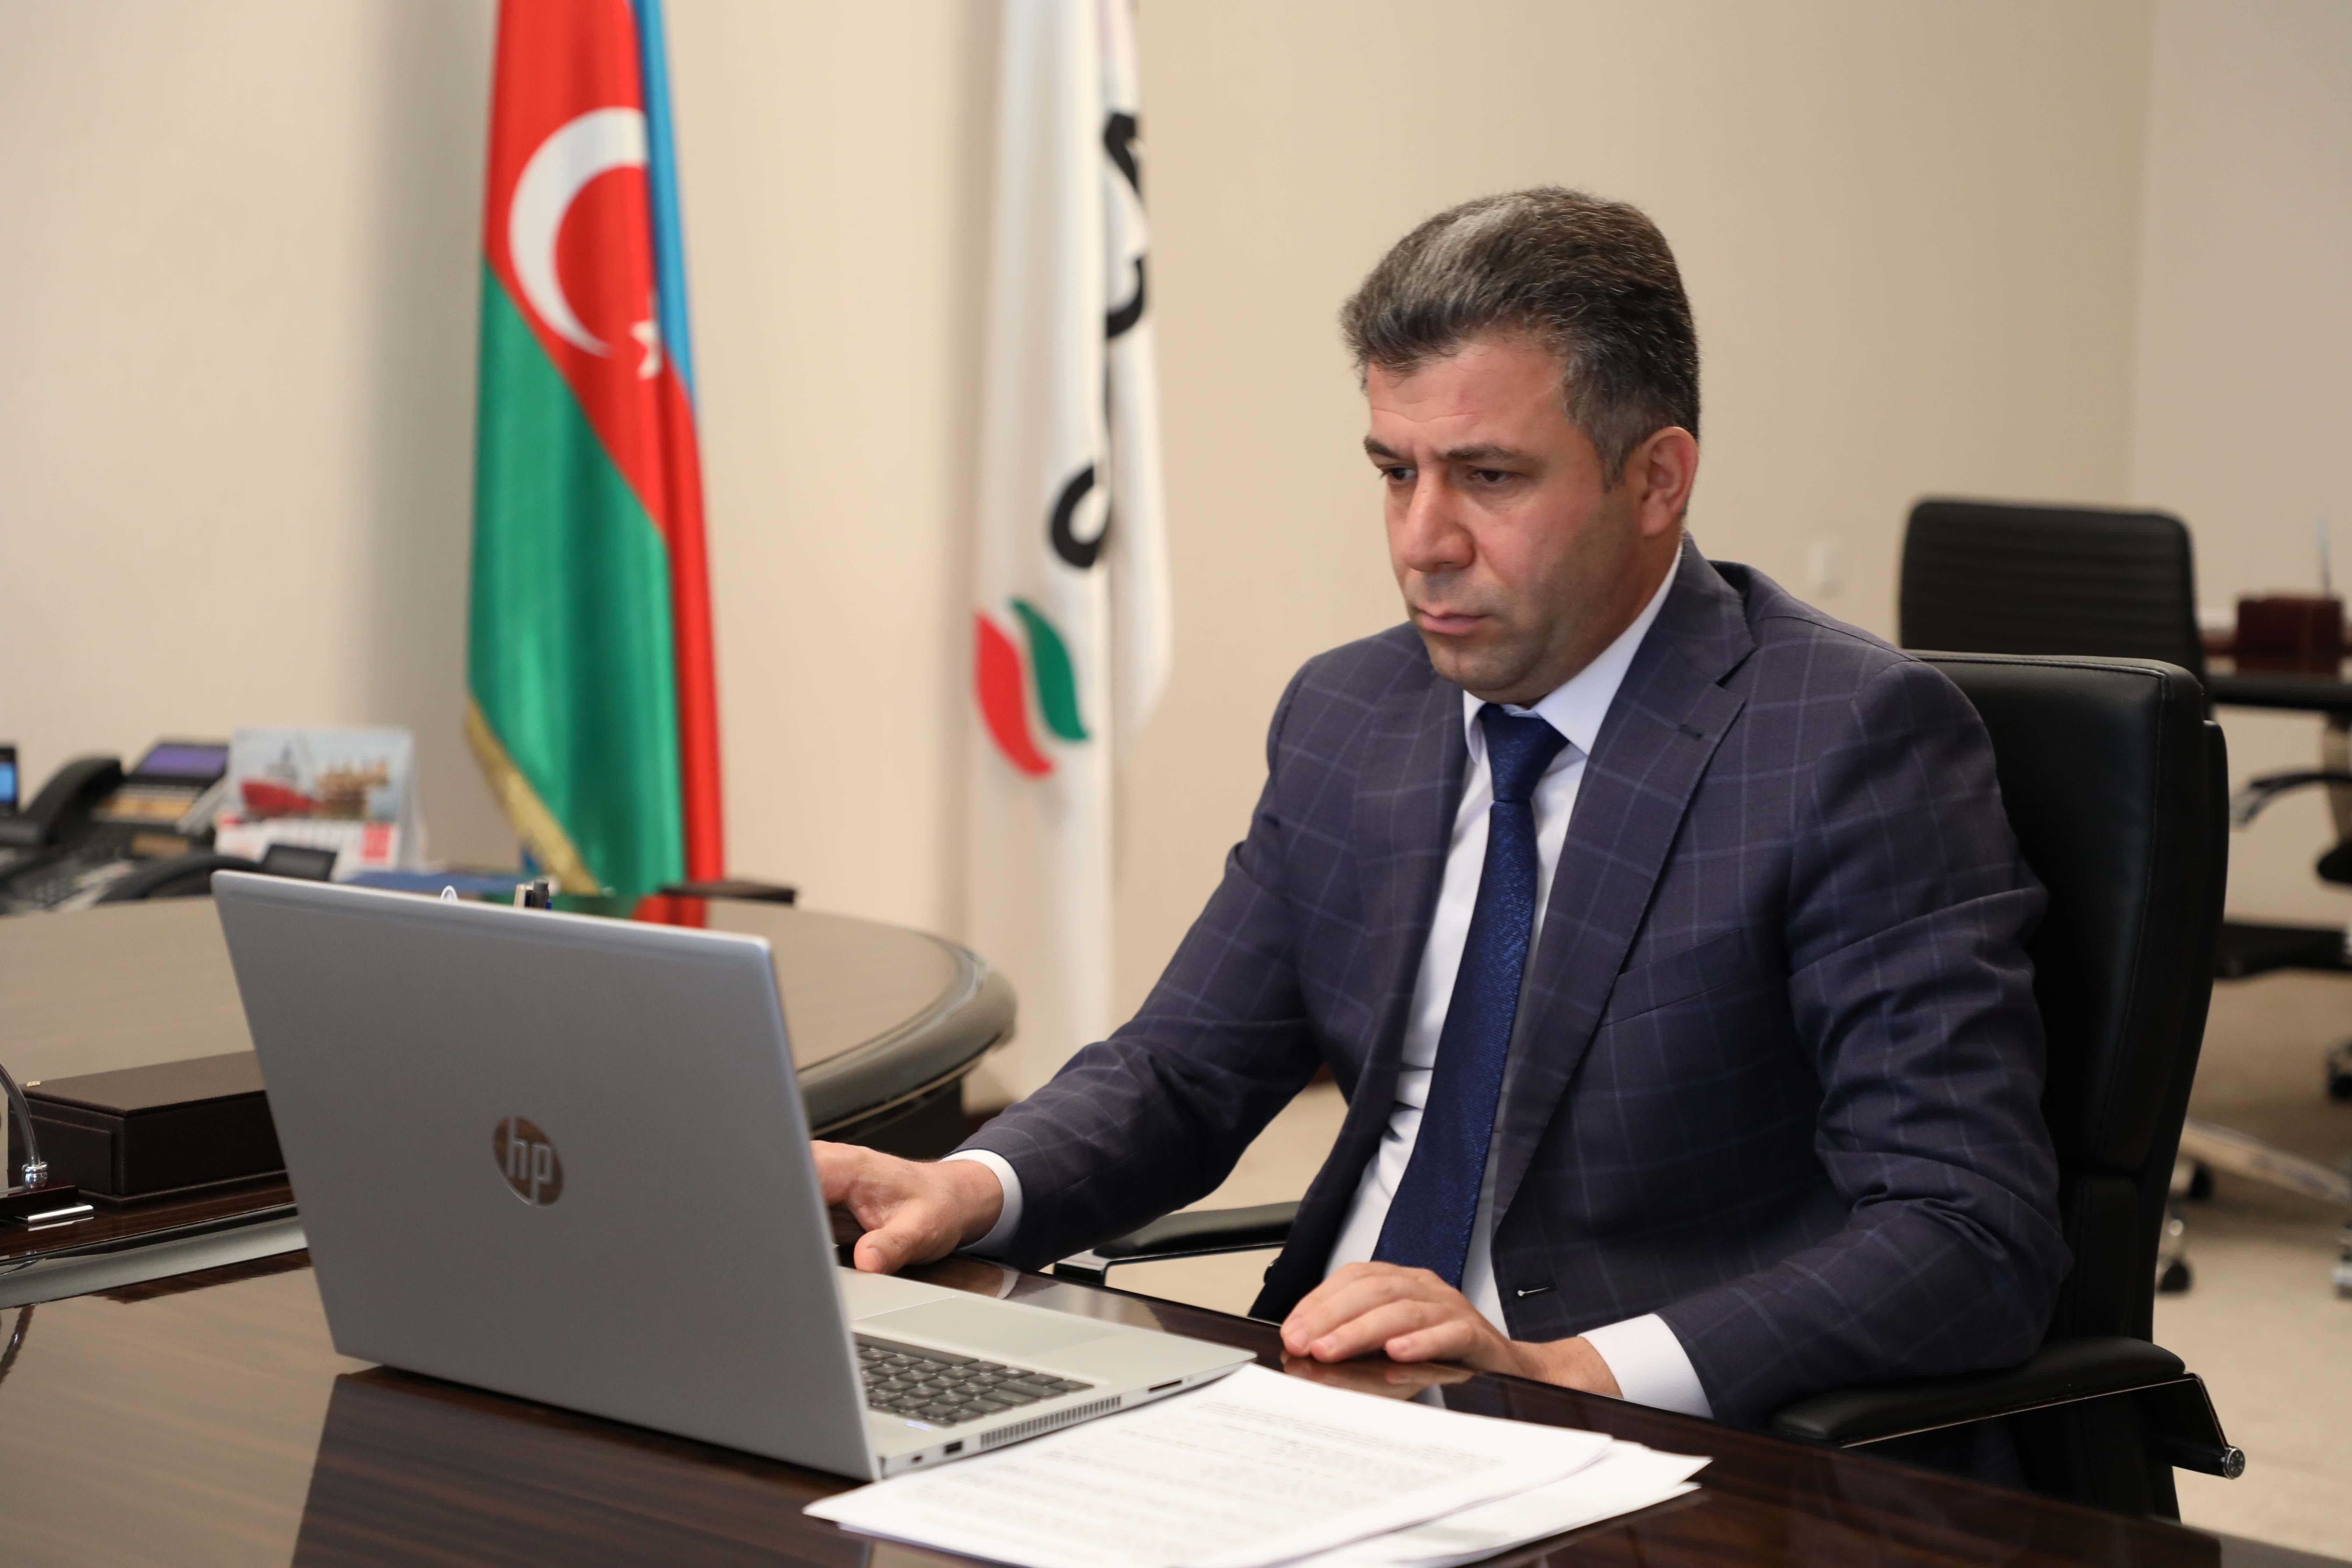 Bakı və Salyanda istixana sahibləri qazpulunu 83% ödəyib